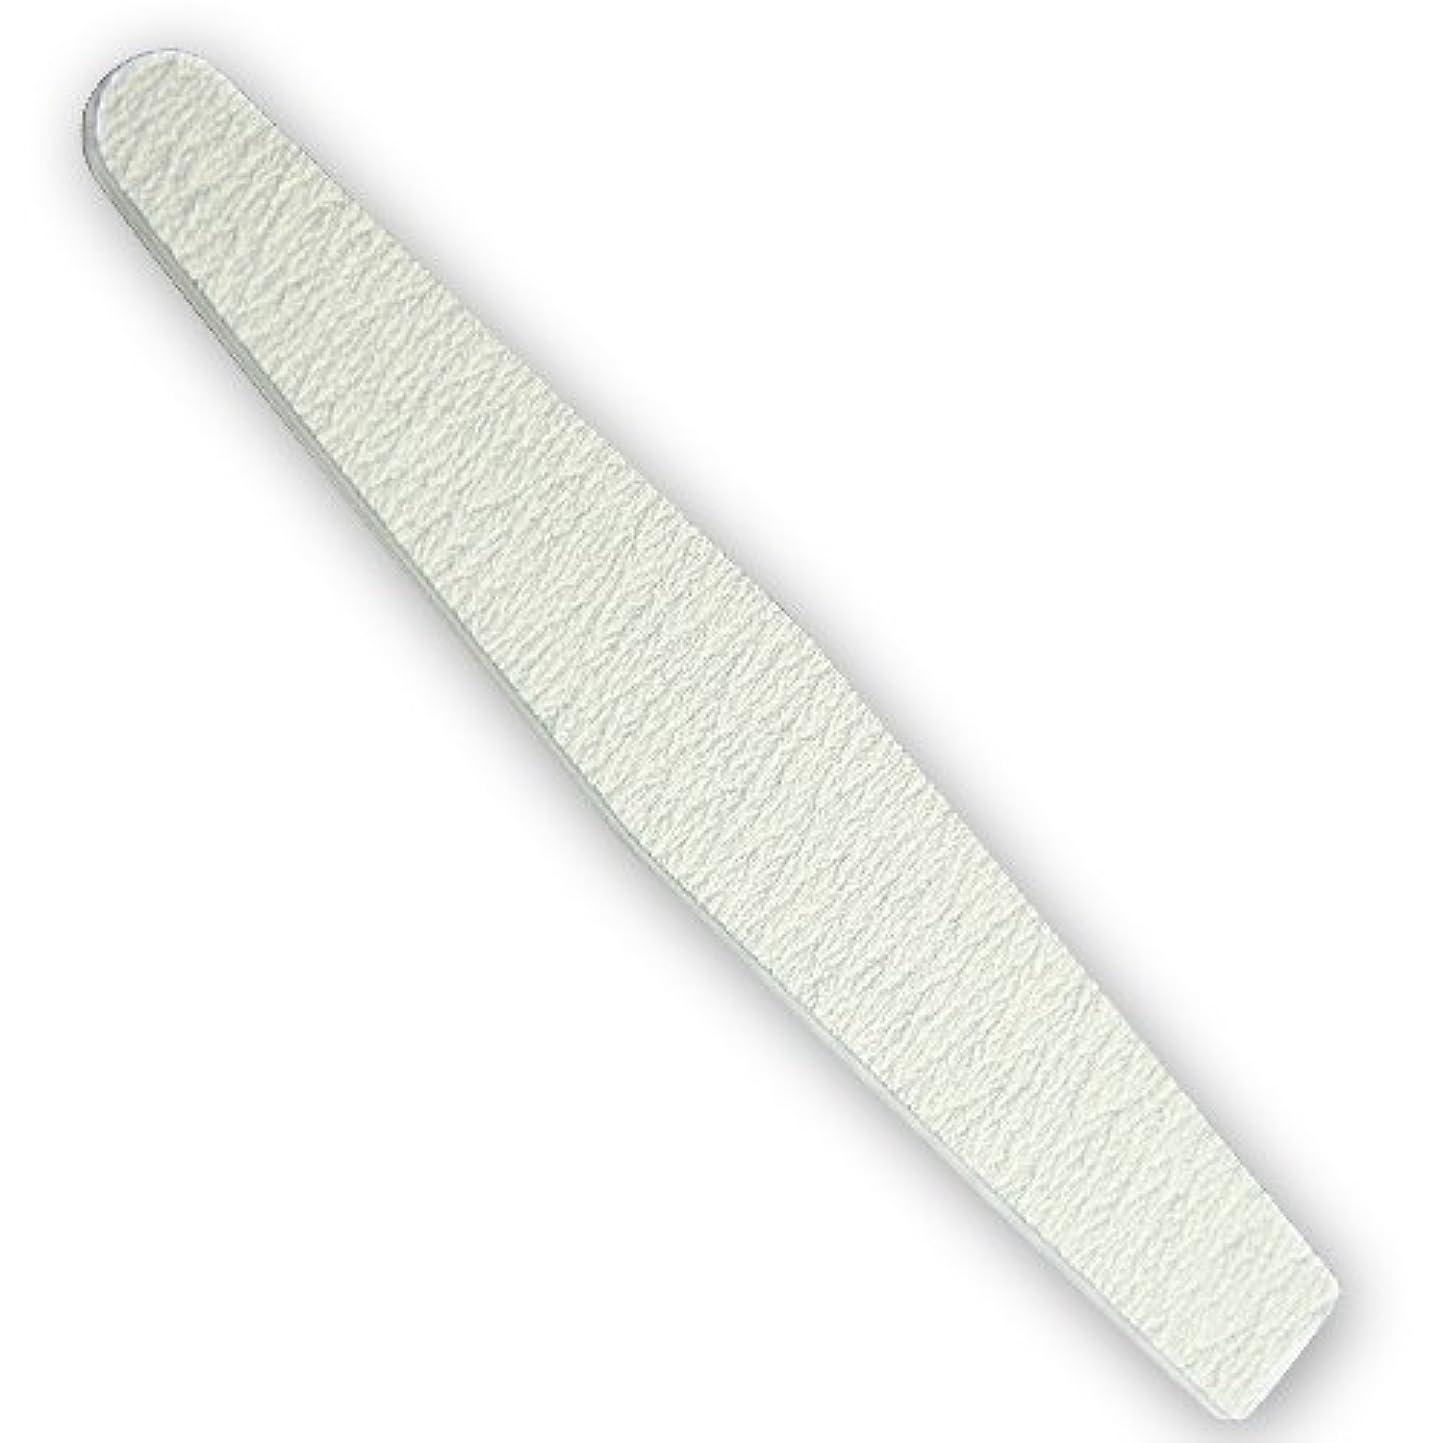 あたり配送スピーカージェルネイル用ファイル100/180(爪やすり)シンプルで使いやすい